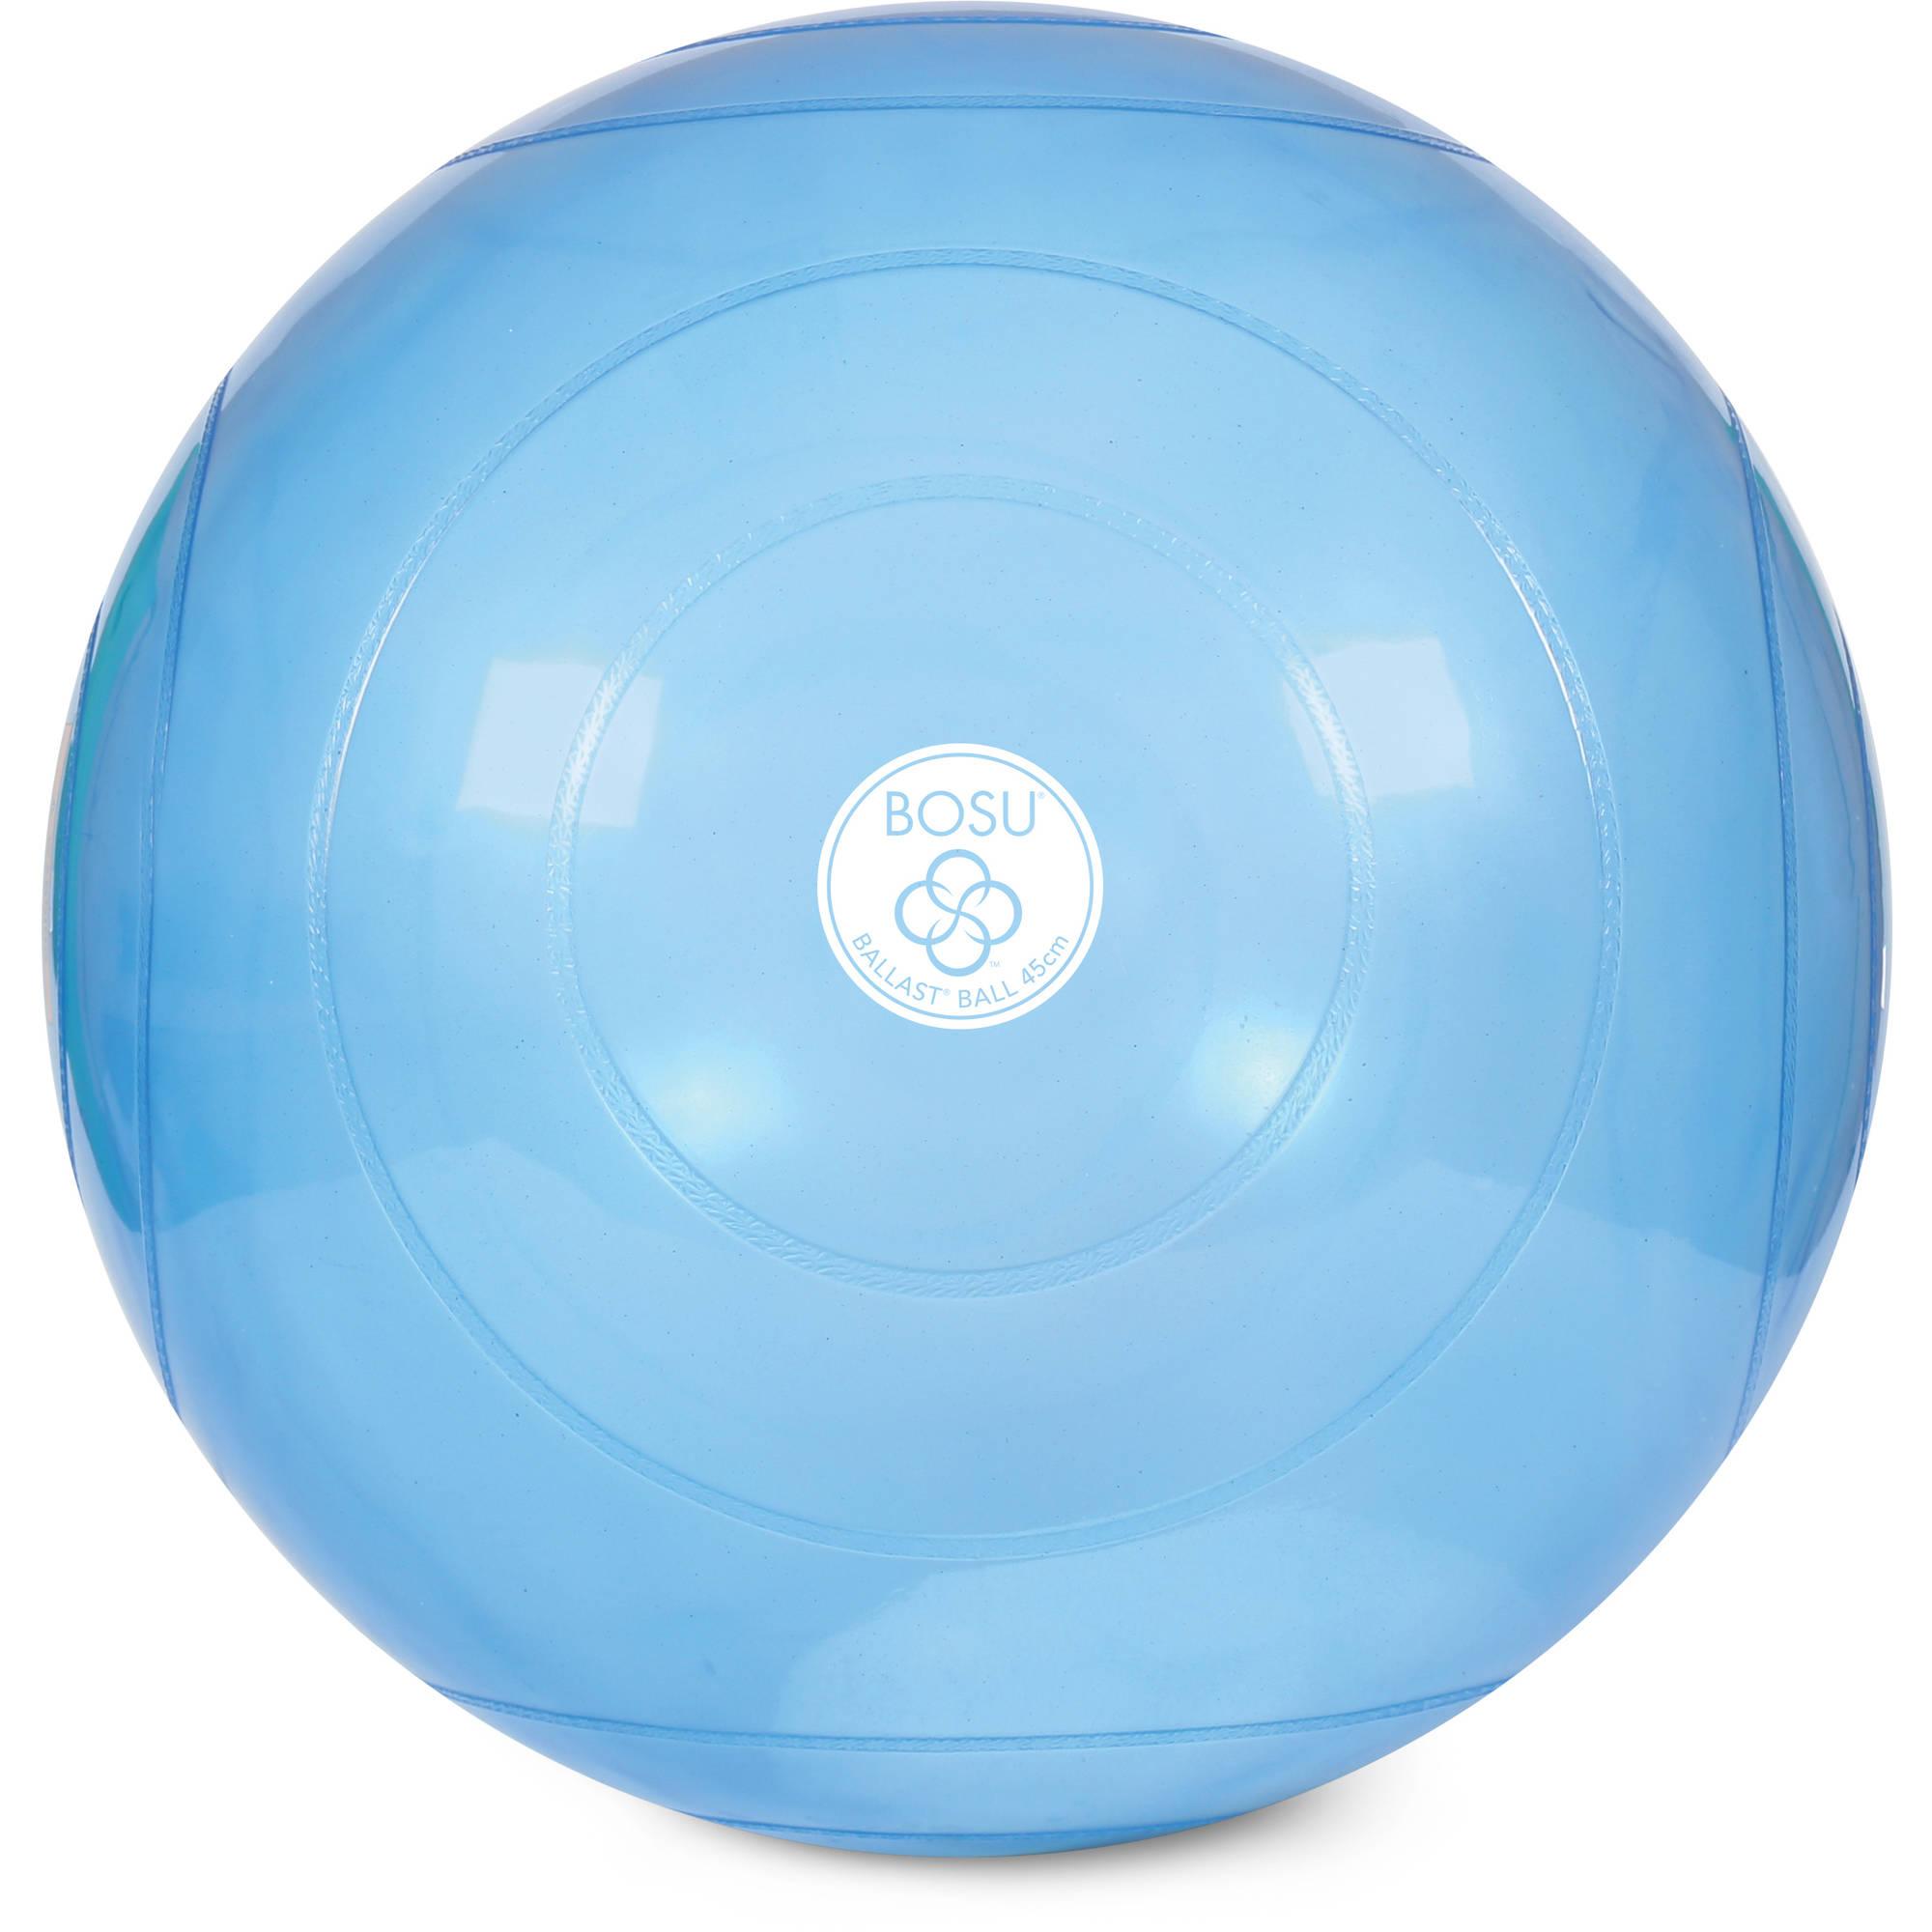 Bosu Ball Uk Stockists: BOSU Ballast Ball, 45 Cm